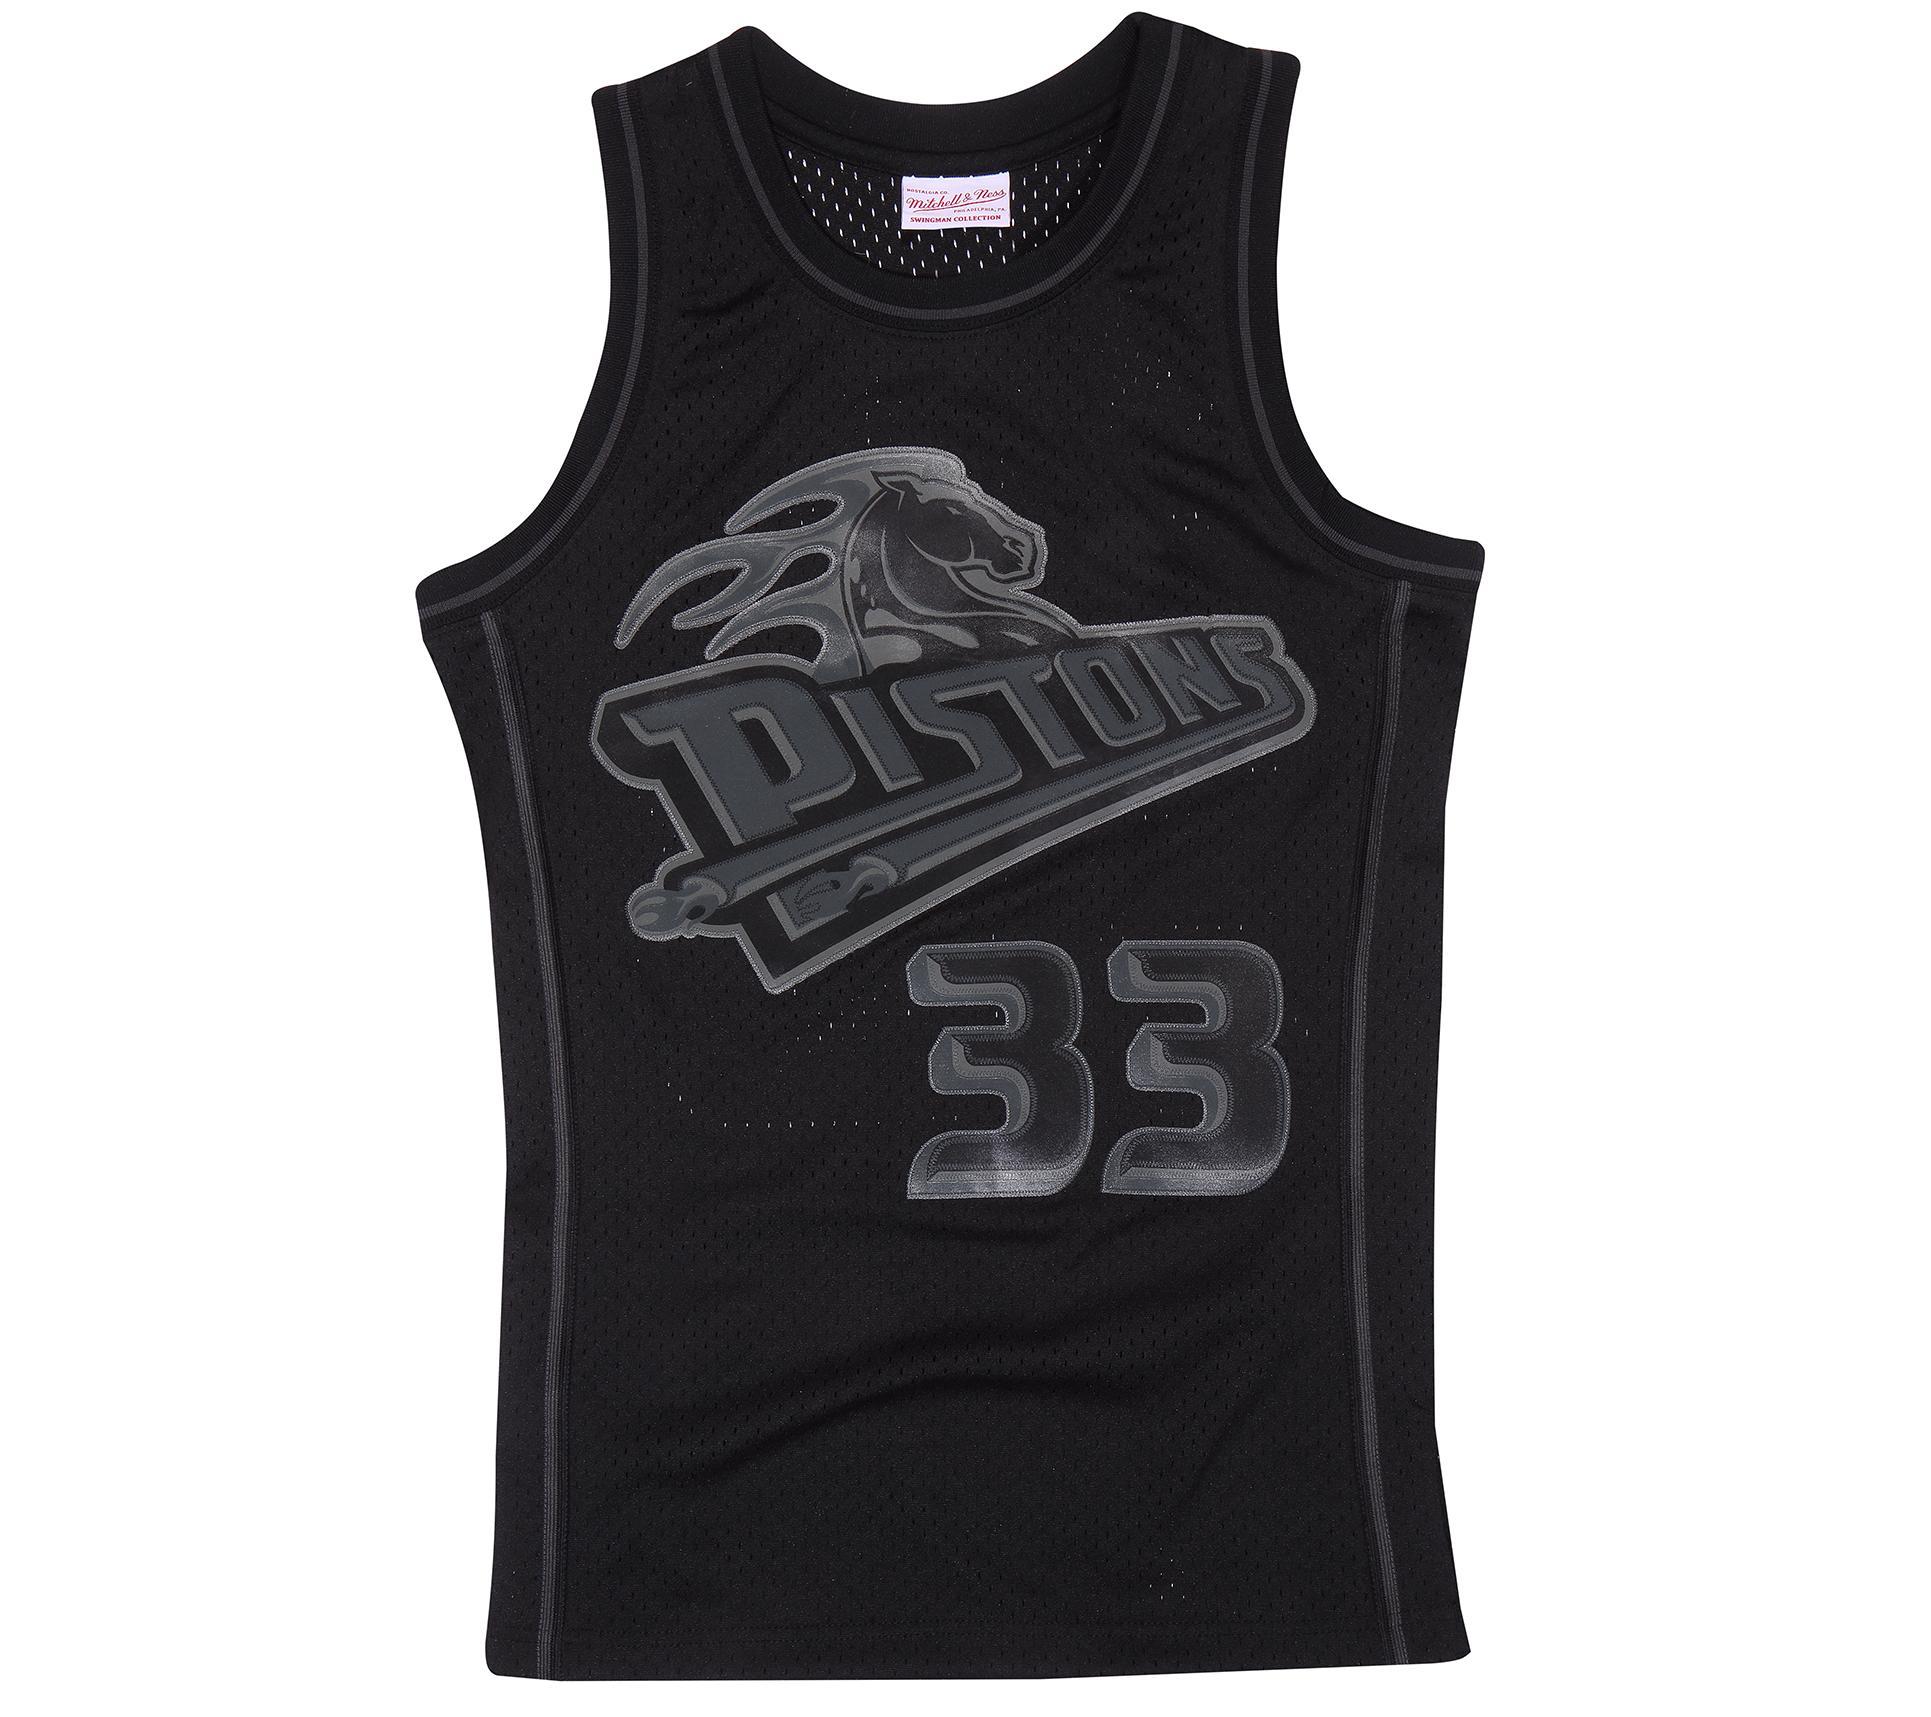 c1d6bcea2bdd Back to Black Grant Hill Swingman Jersey Detroit Pistons